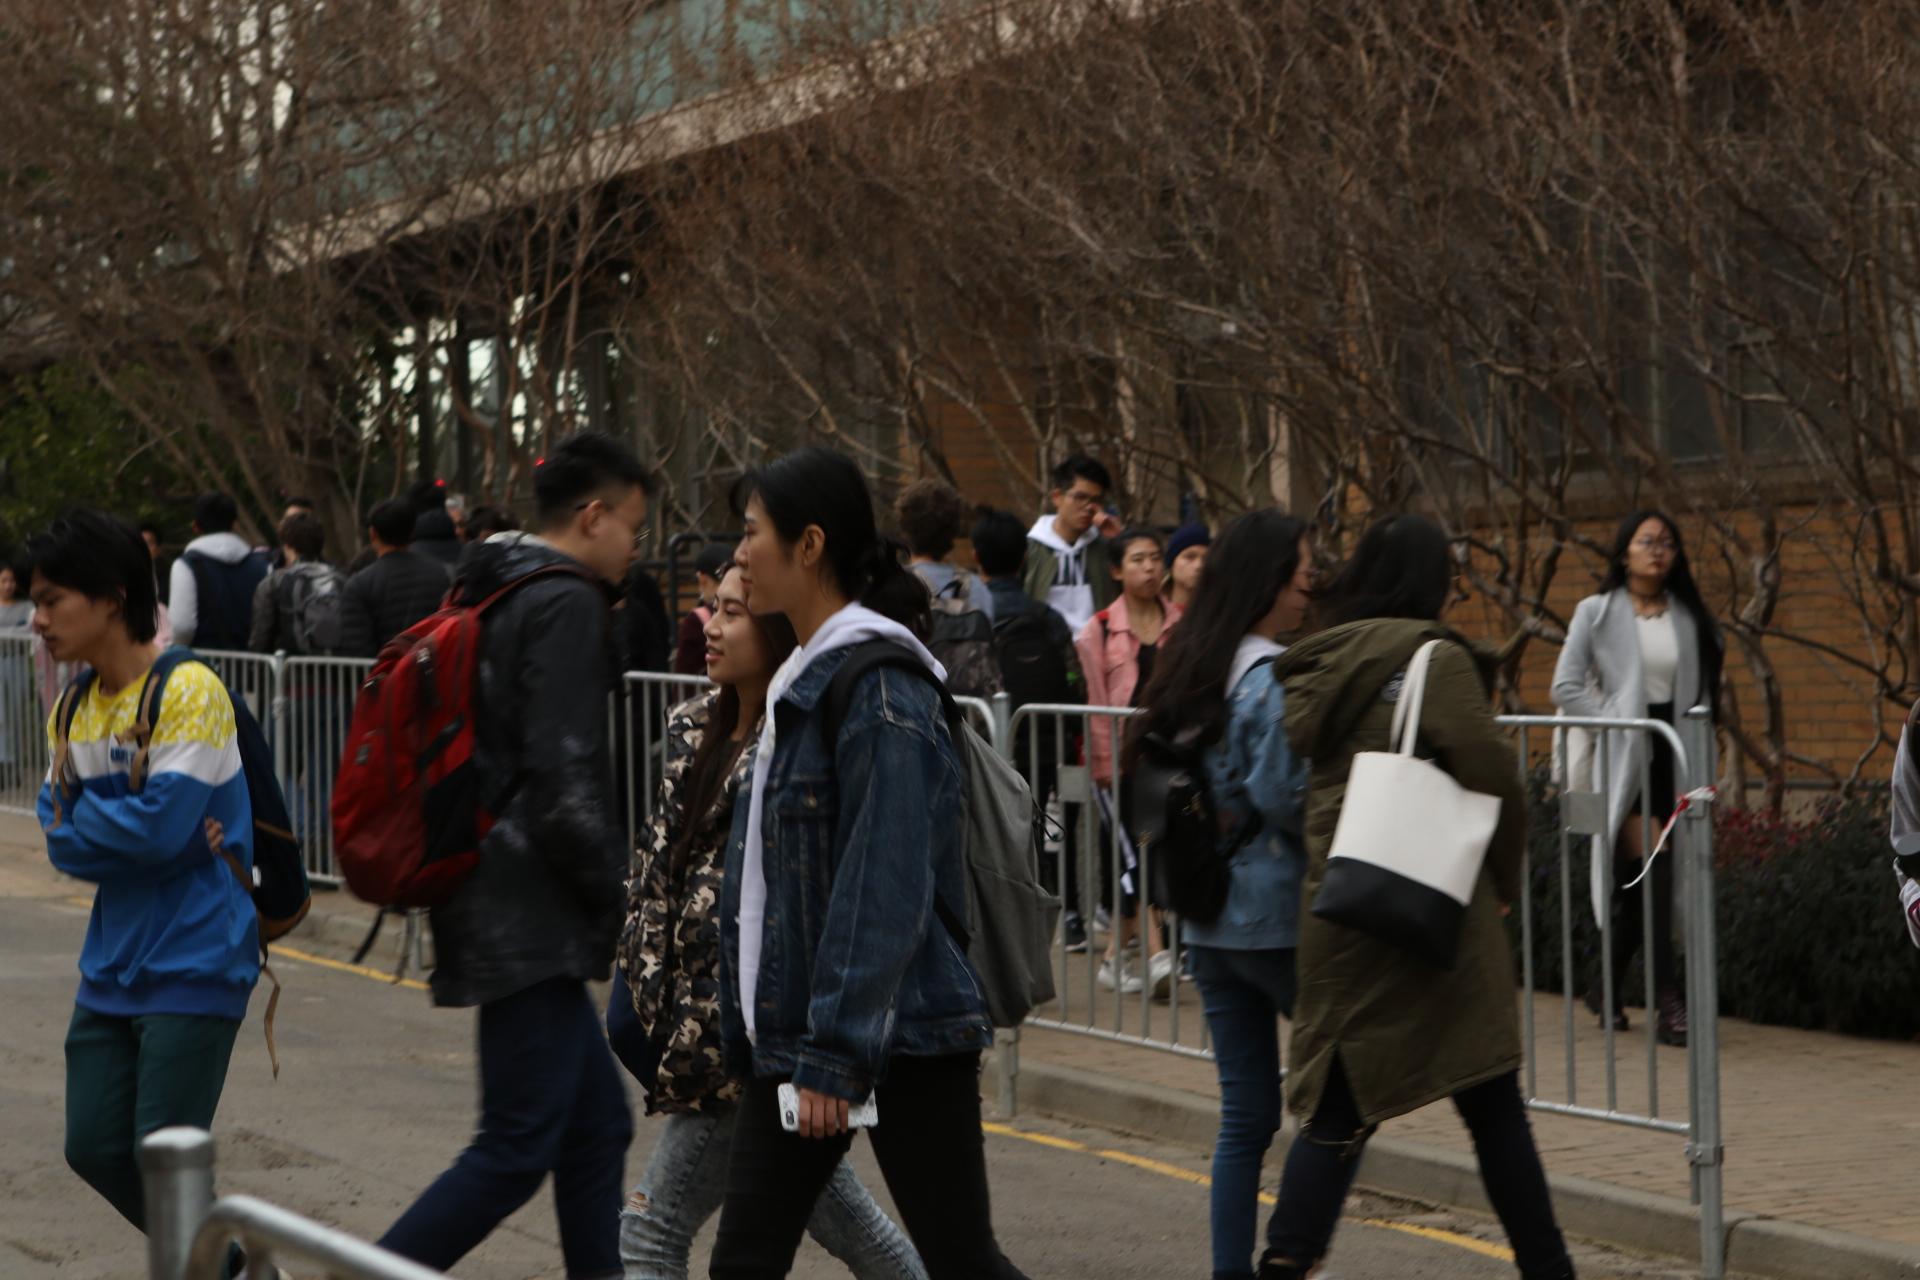 中共發赴澳留學預警 留澳生:沒受到歧視